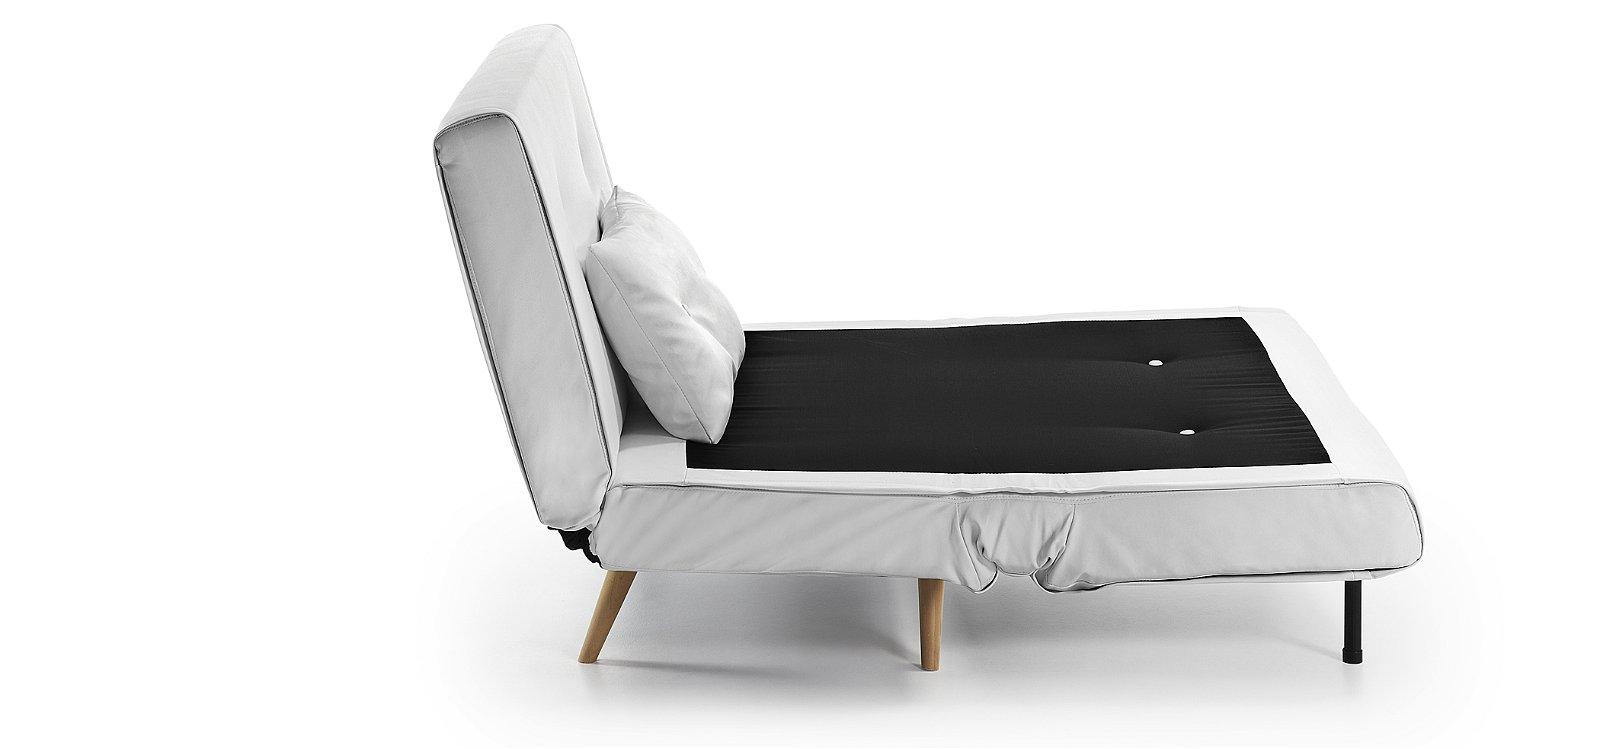 Sofá cama blanco Moderno Tupana